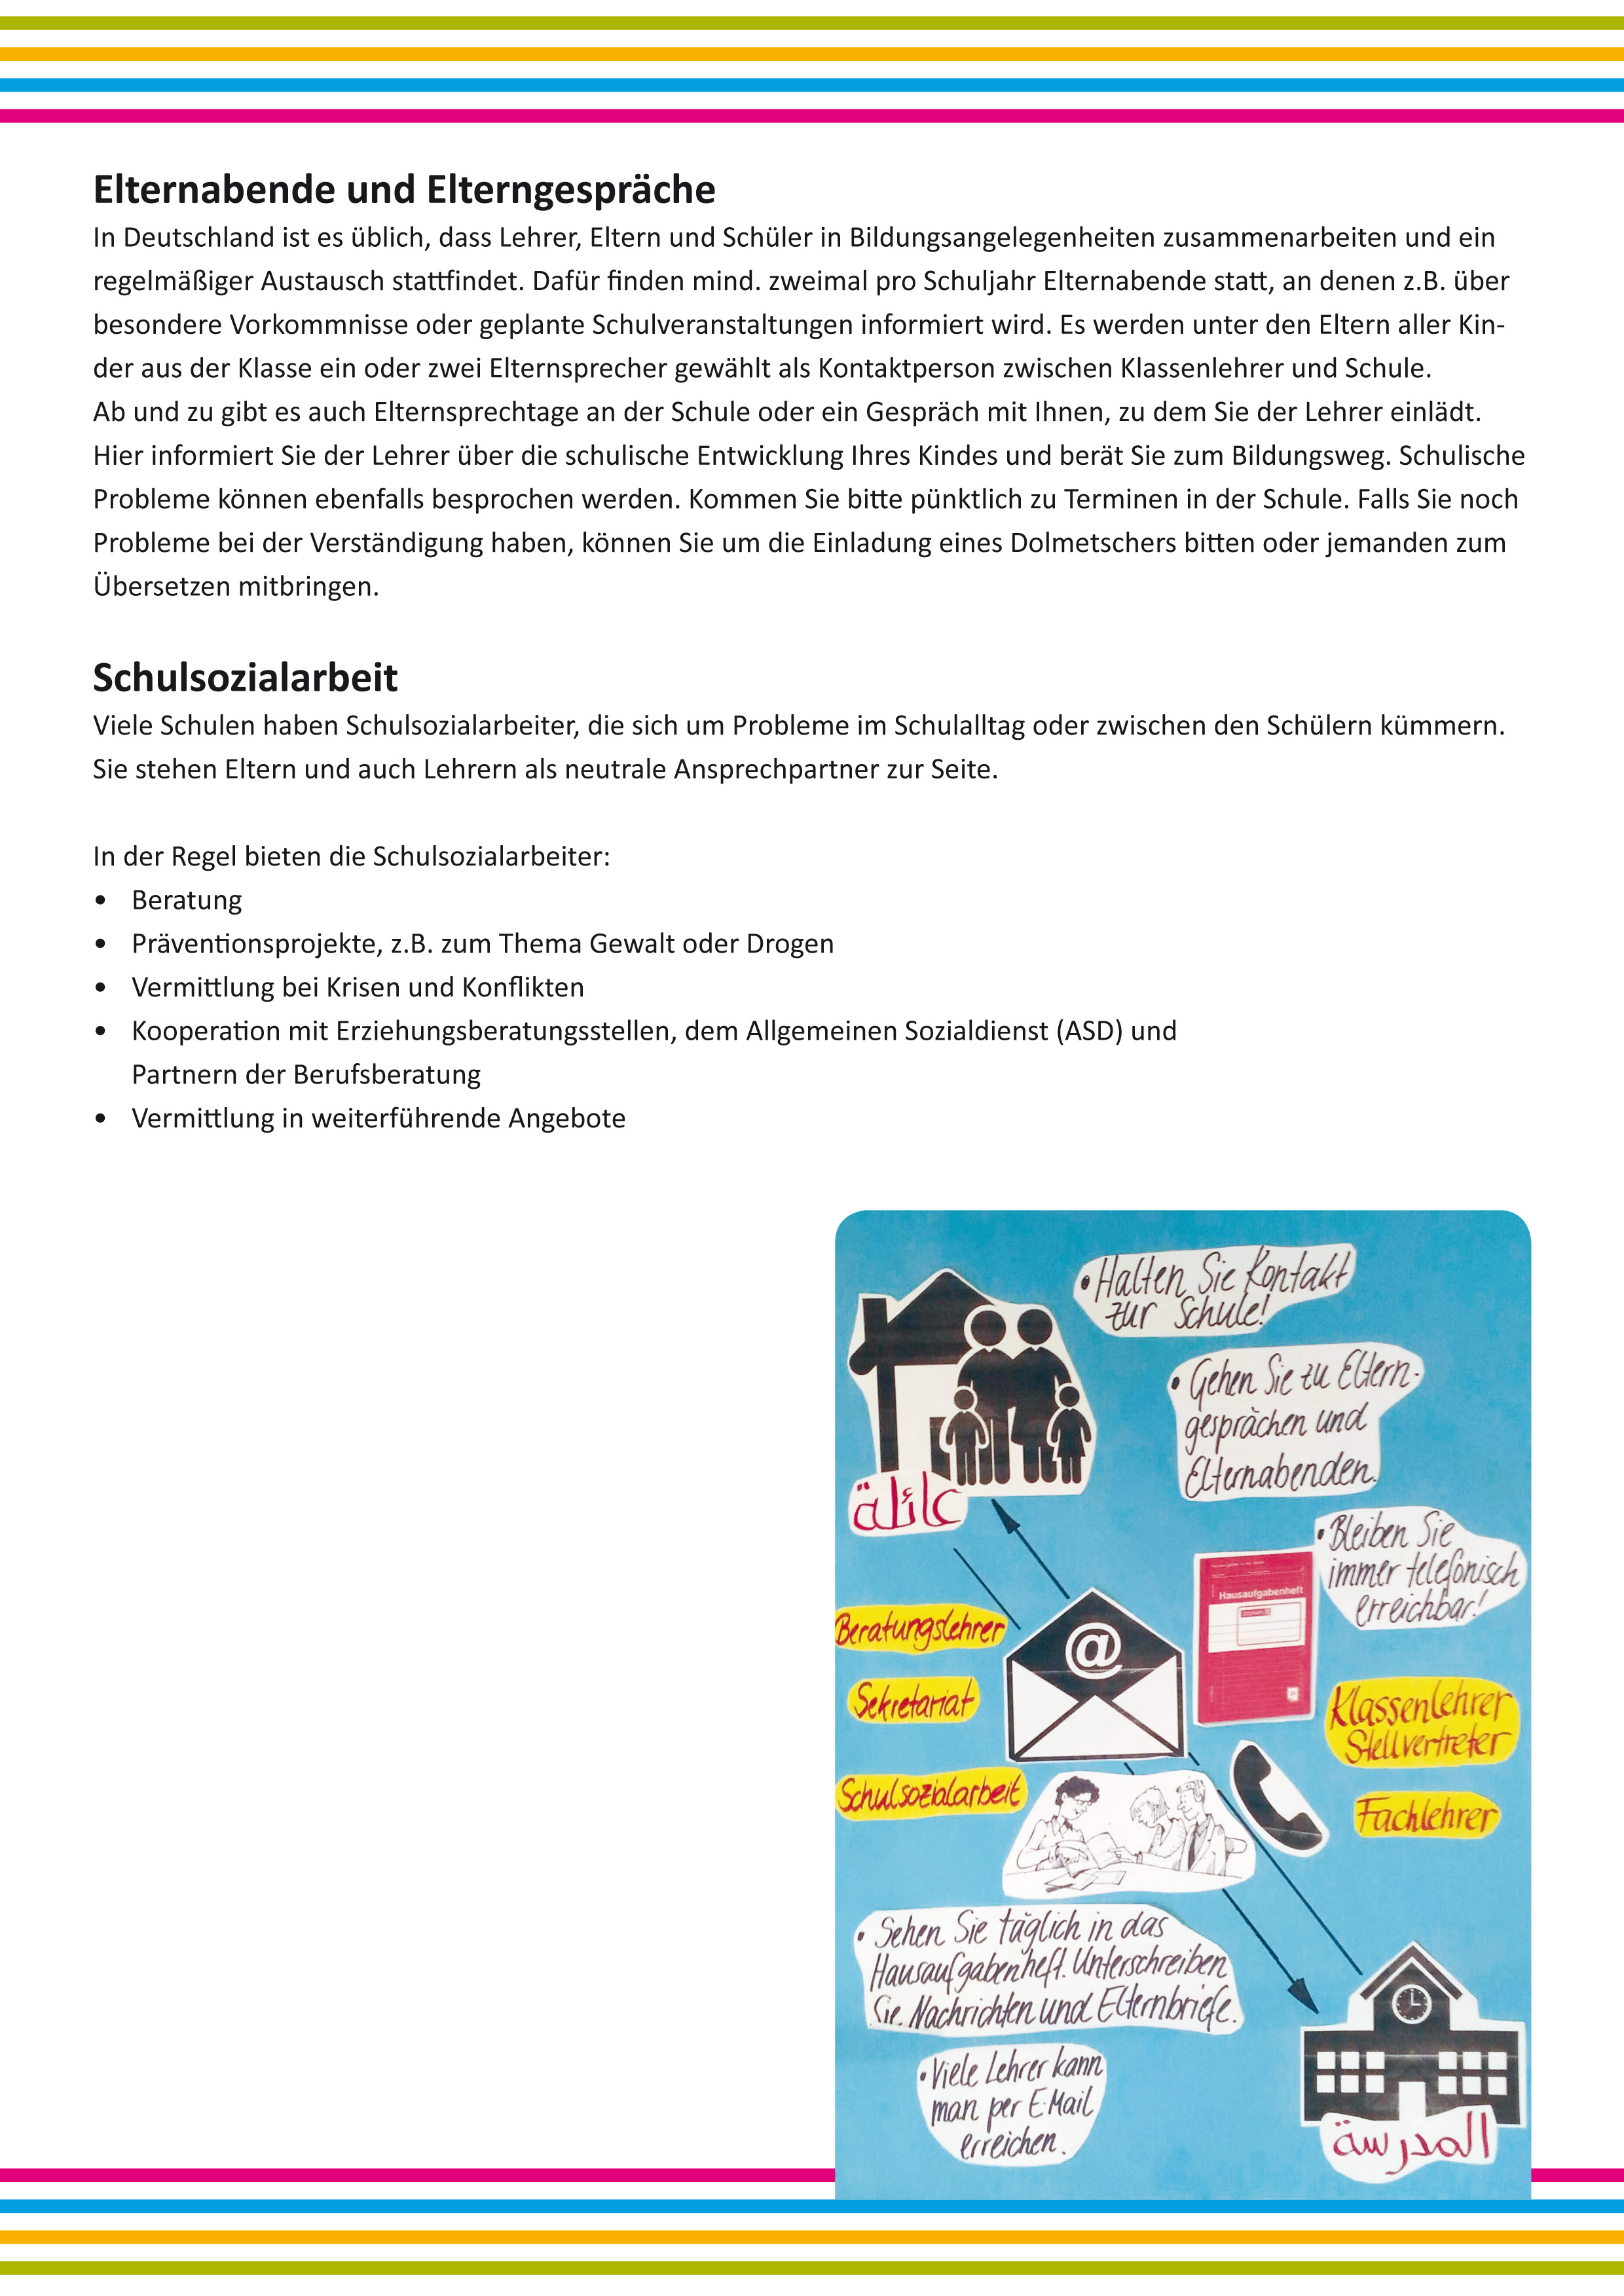 info-material für eltern, Einladung